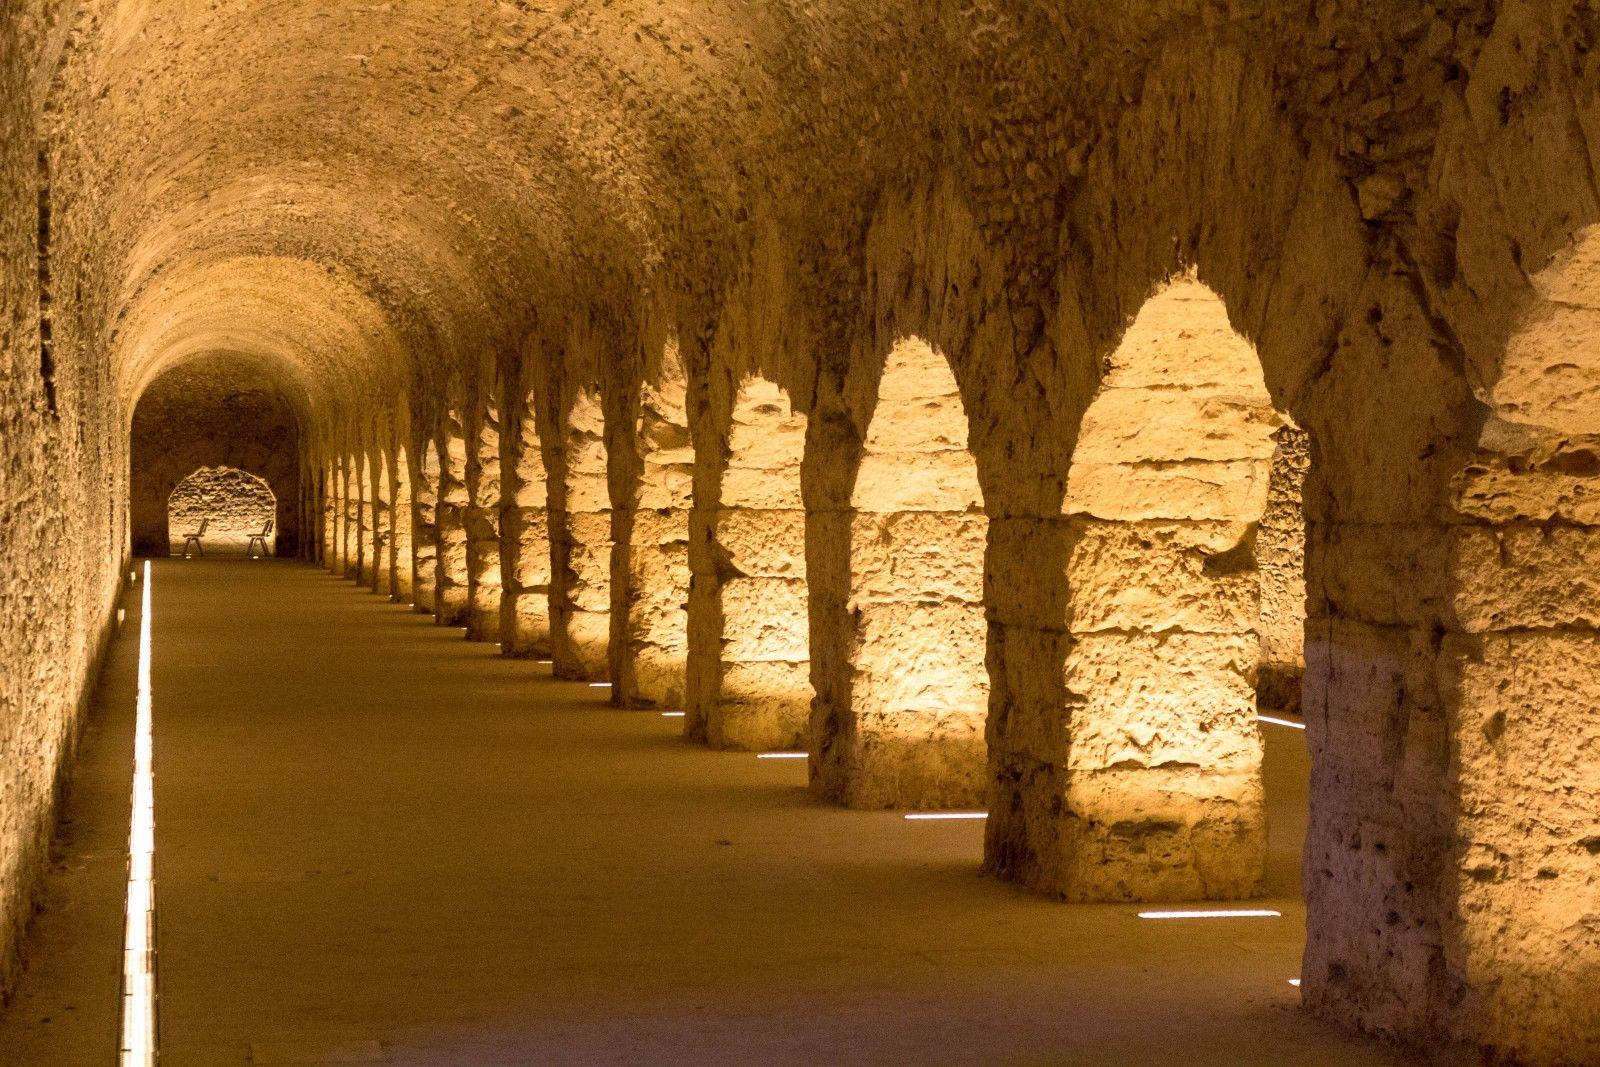 On trouve de nombreux vestiges romains à Aoste, dont un amphithéâtre, les fortifications qui enserraient la ville, les thermes et un forum.